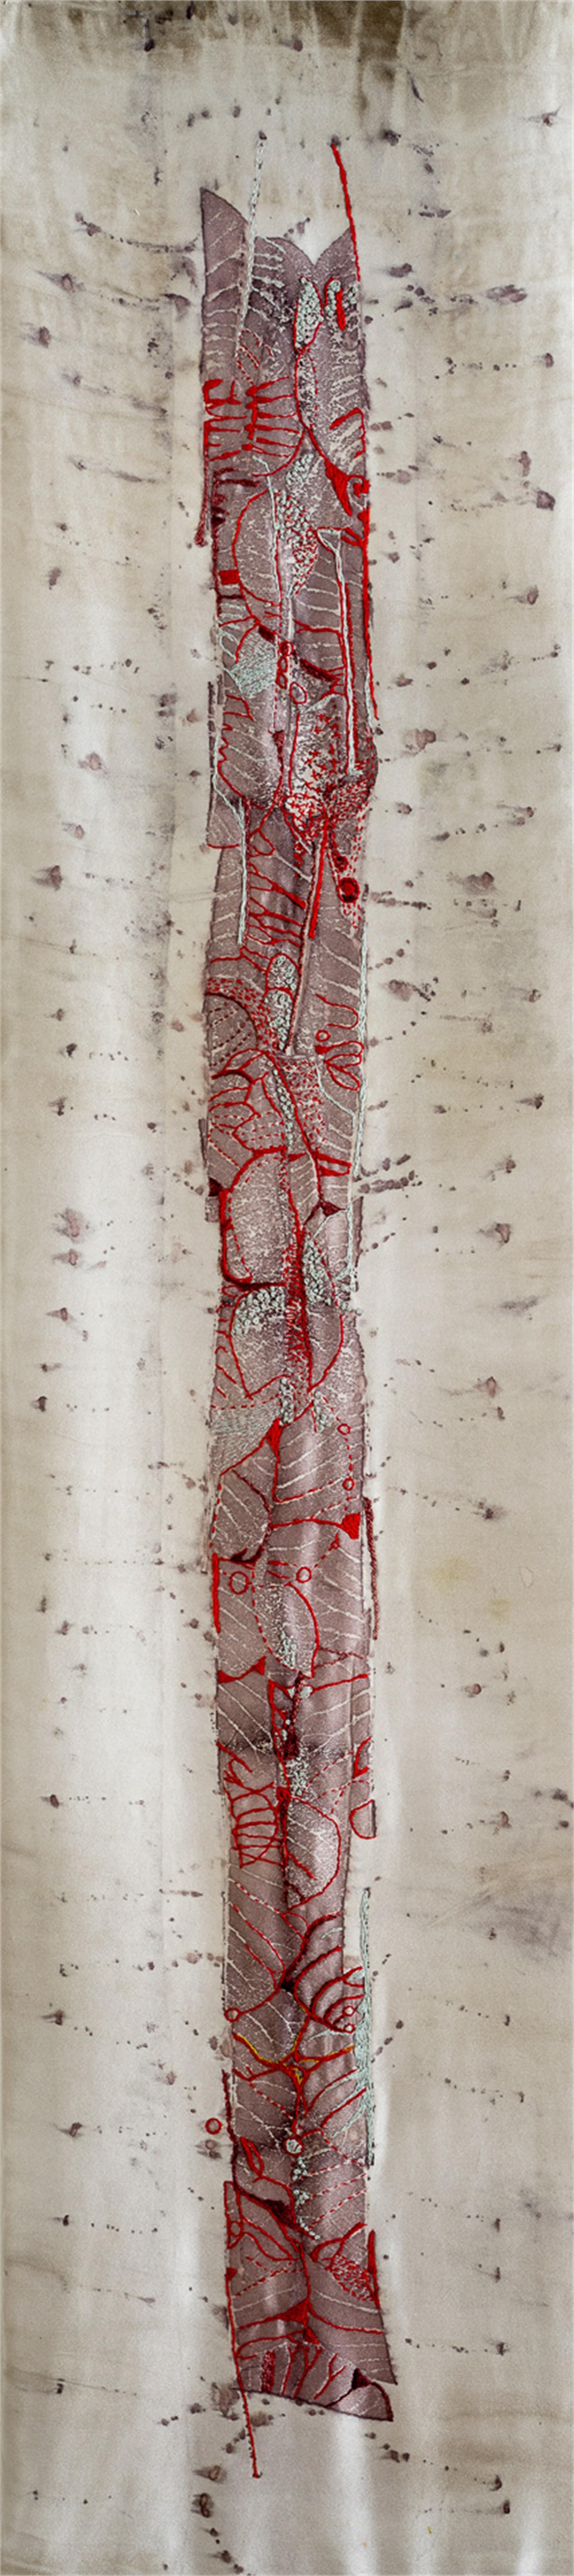 Leaf Asemic by Caryn Friedlander